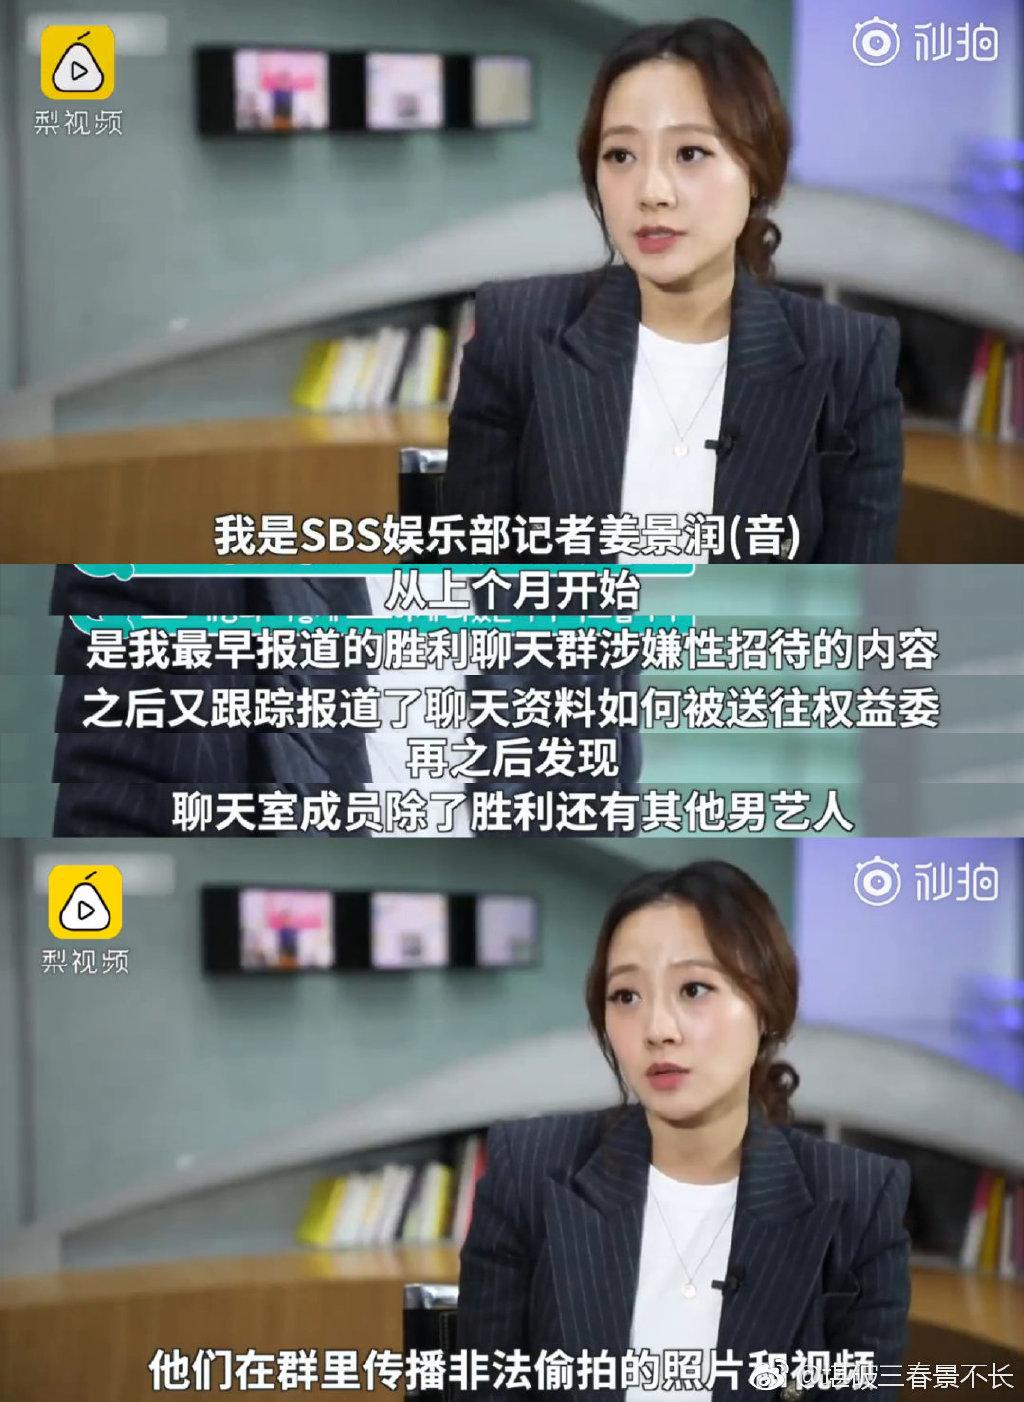 胜利郑俊英群聊事件 韩国娱乐圈X贿赂大事件 涨姿势 热图1